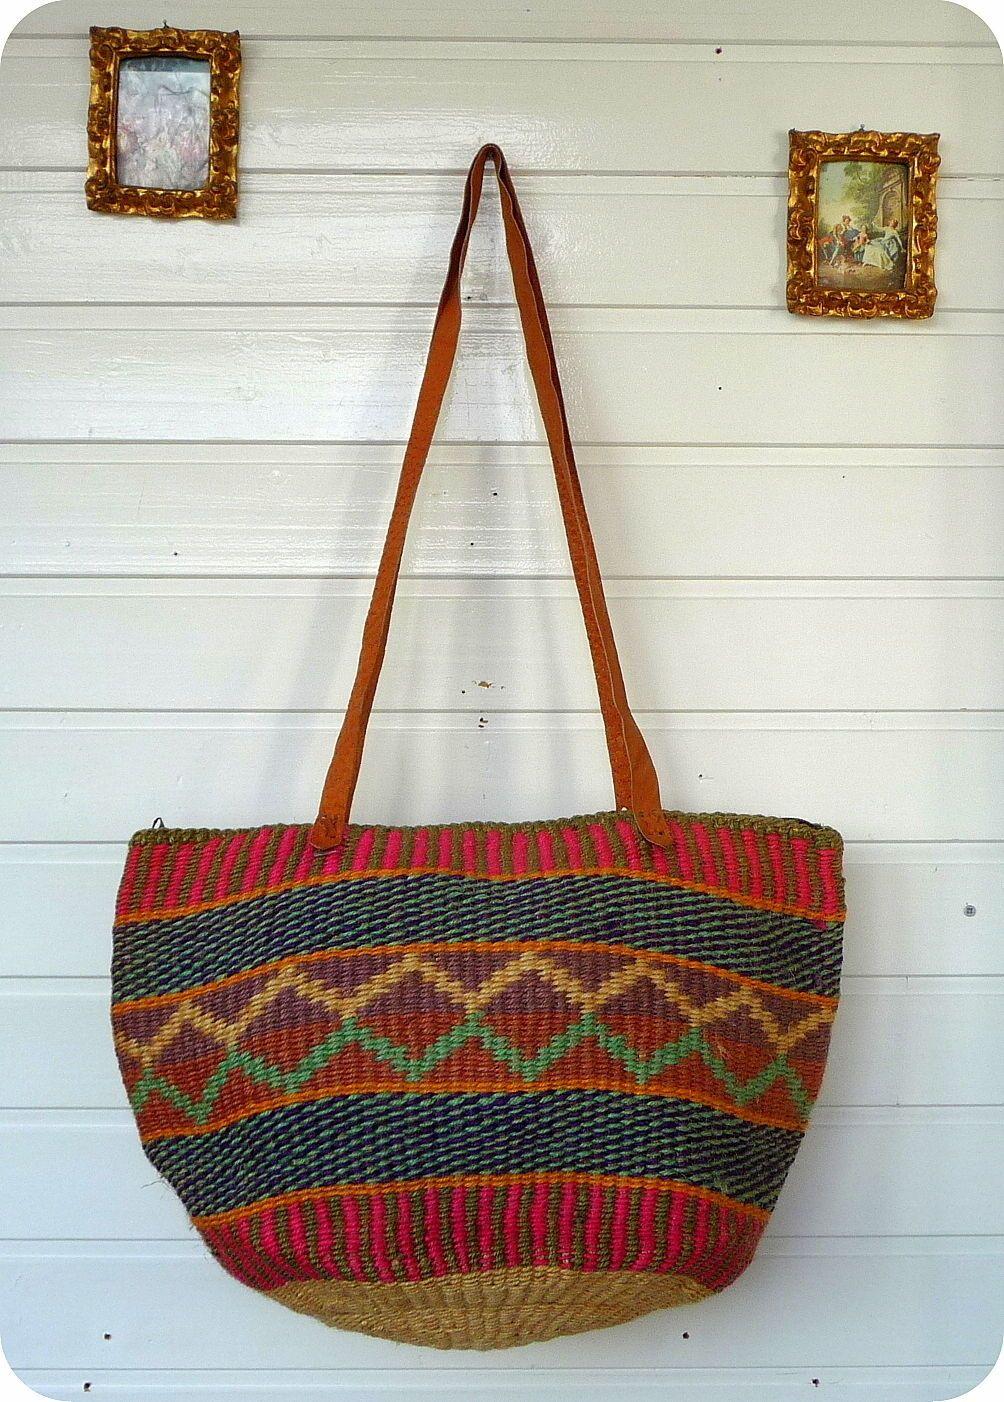 54a2eb9d5f7e9 Vintage LEDER   BAST Tasche Handtasche Bag Folklore Hippie Schultertasche  Ethno in Kleidung   Accessoires